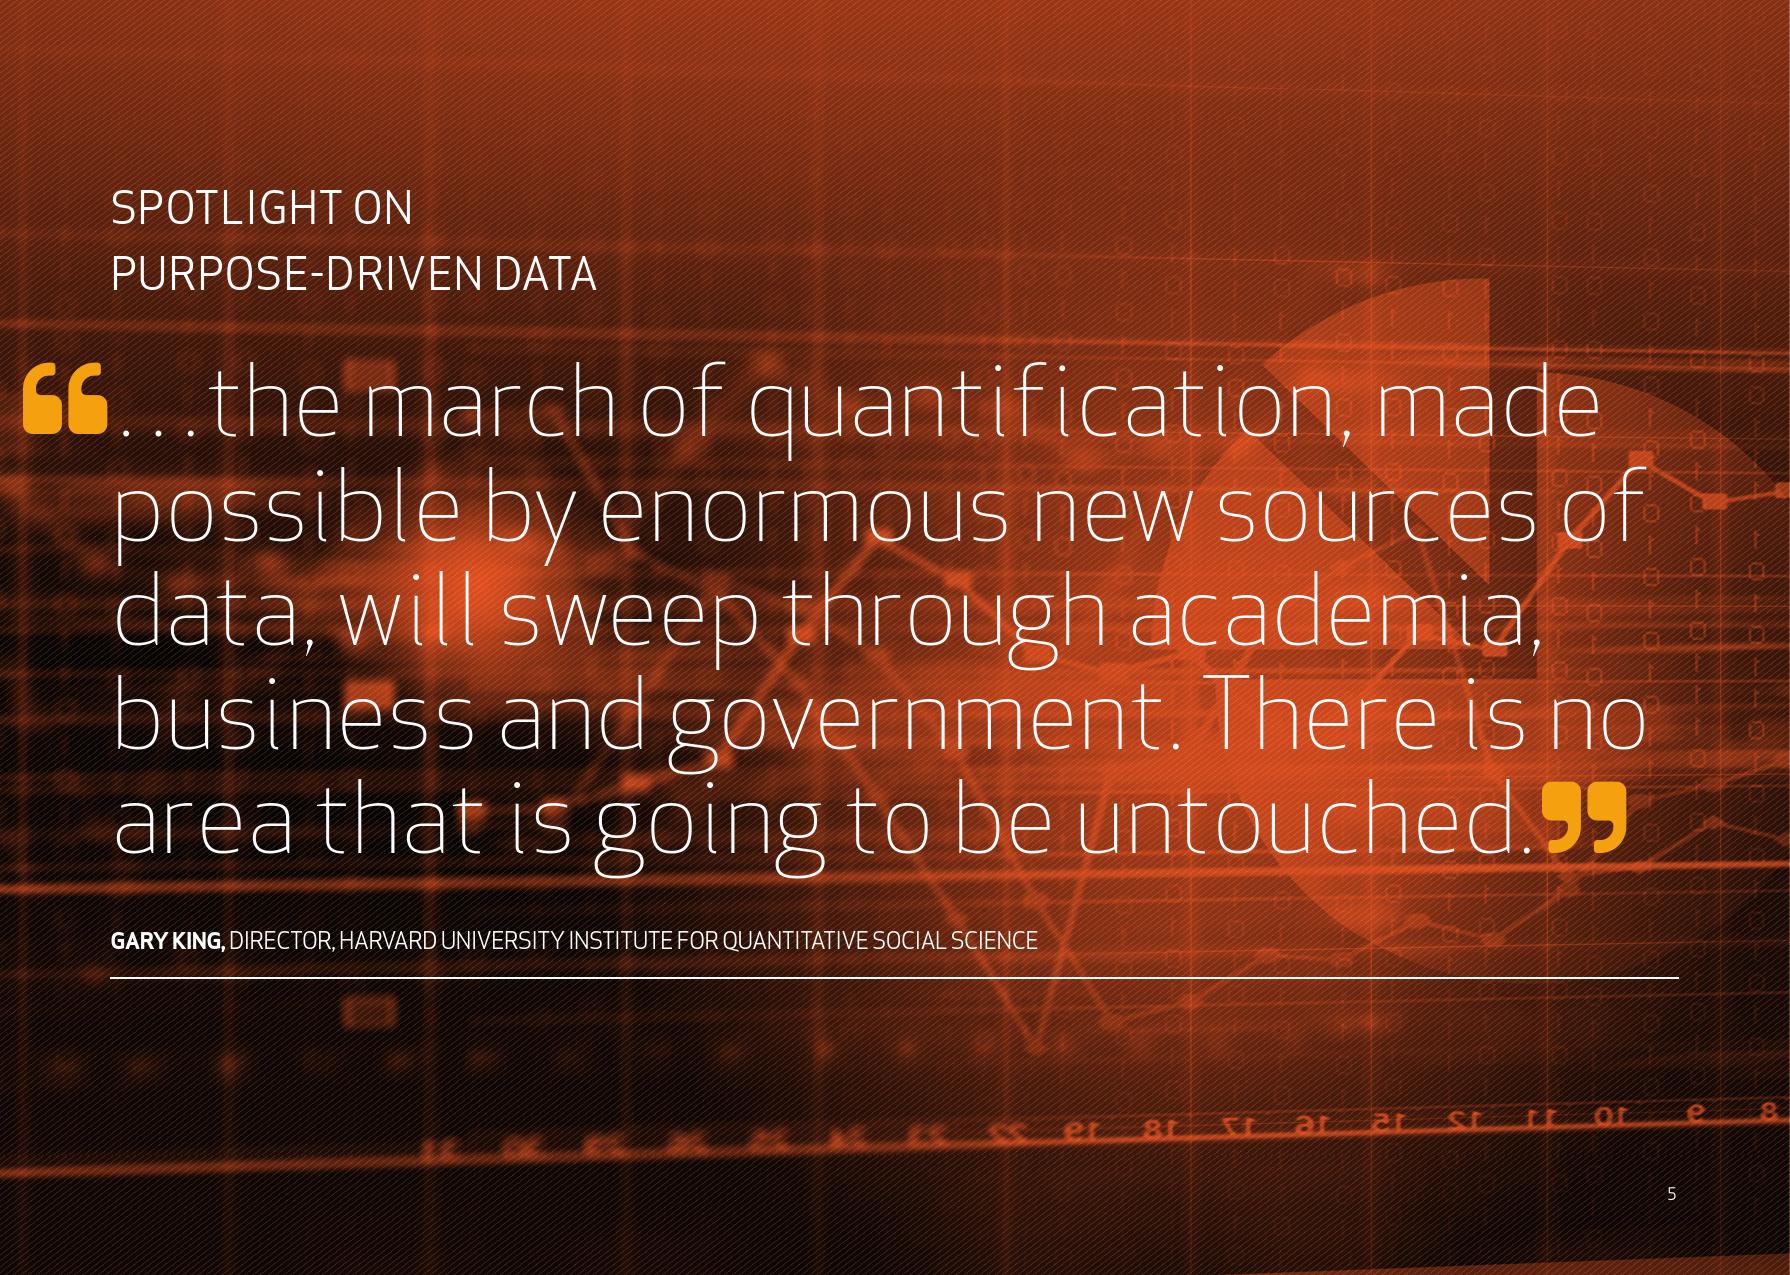 创新趋势报告:目标驱动的数据_000005